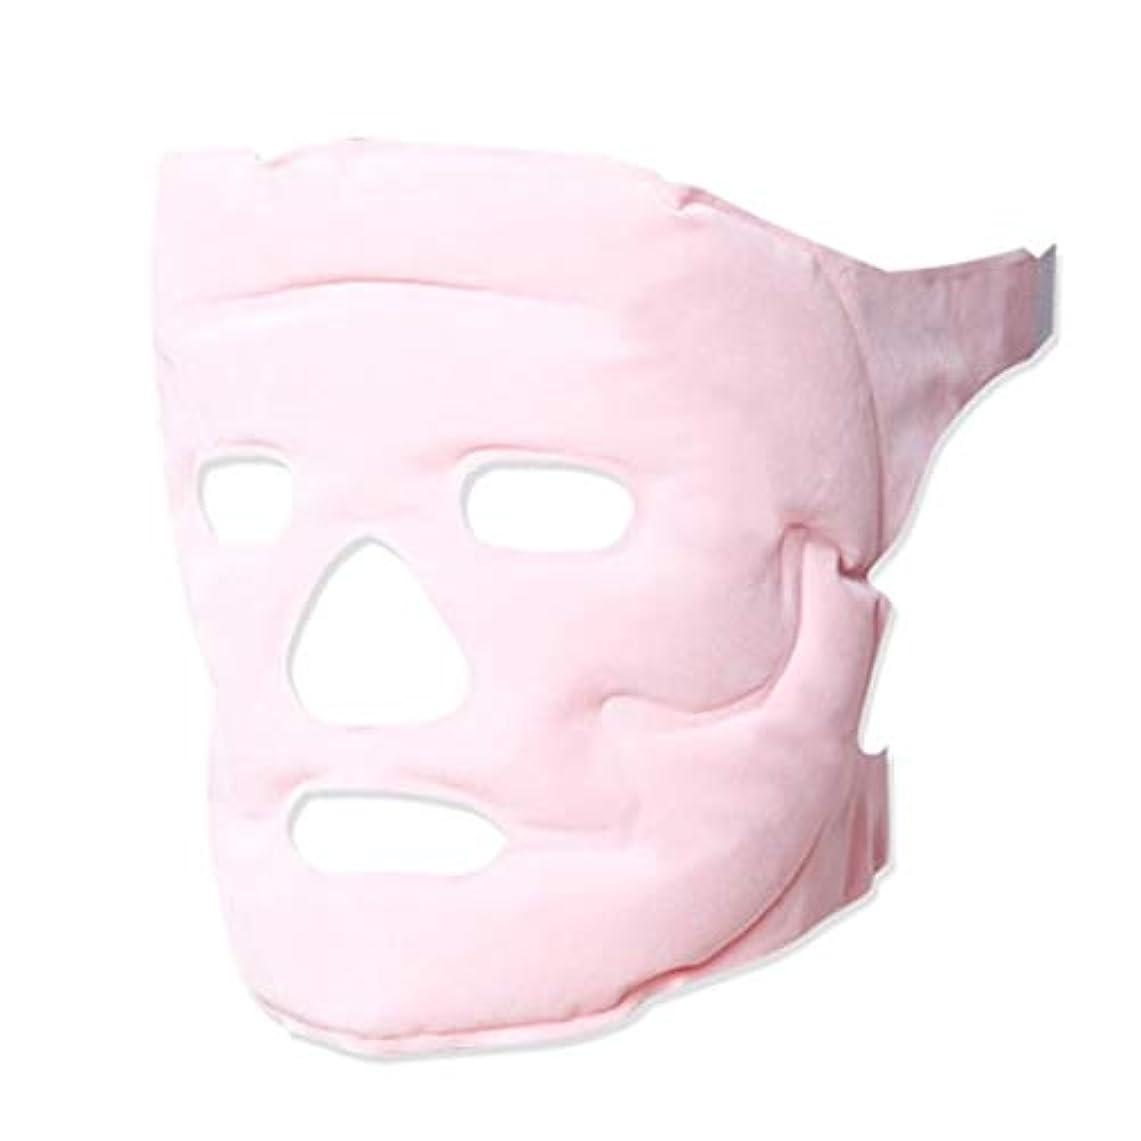 言うポゴスティックジャンプ取り消すZWBD フェイスマスク, フェイスリフティング包帯Vフェイスマスク睡眠薄い顔美容マスク磁気療法リフティング顔引き締め令包帯